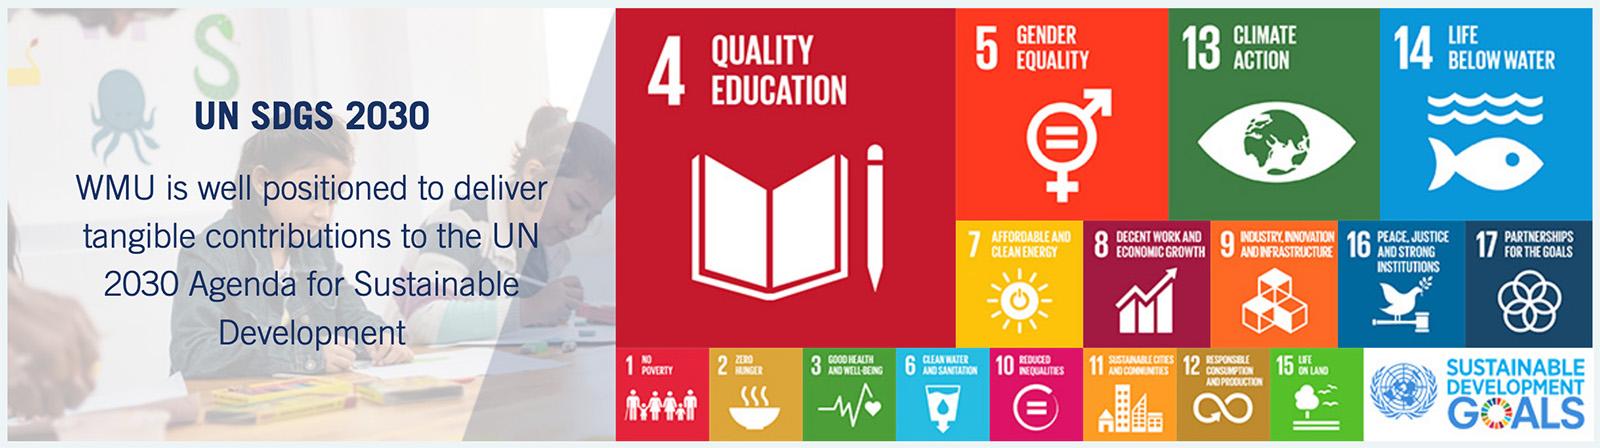 UNSDG Banner Image